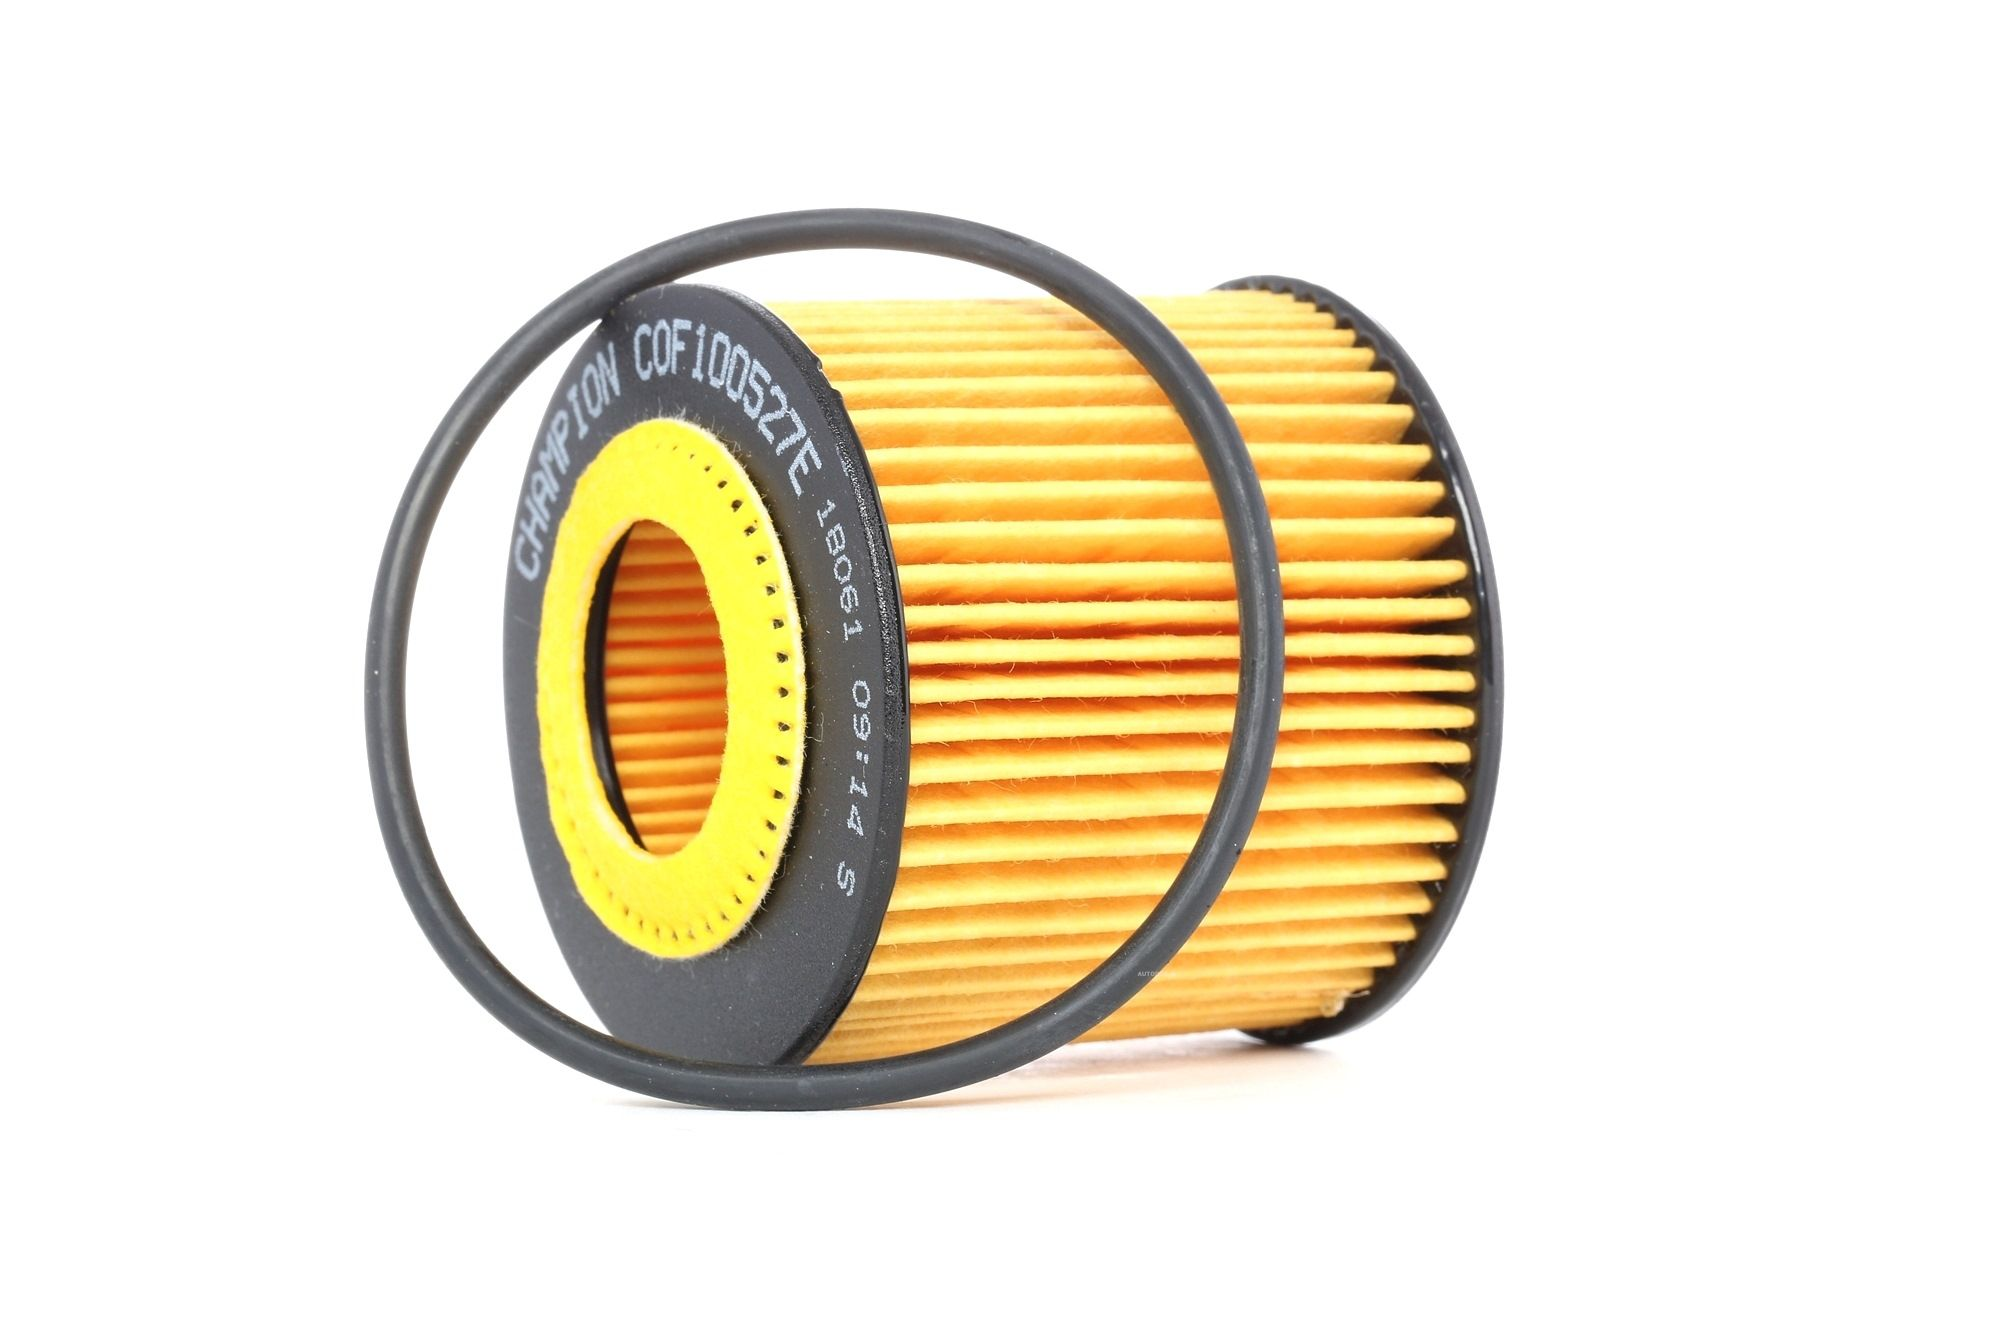 COF100527E CHAMPION EON TITAN Filtereinsatz Innendurchmesser: 33mm, Innendurchmesser 2: 27mm, Ø: 64mm, Höhe: 62mm Ölfilter COF100527E günstig kaufen